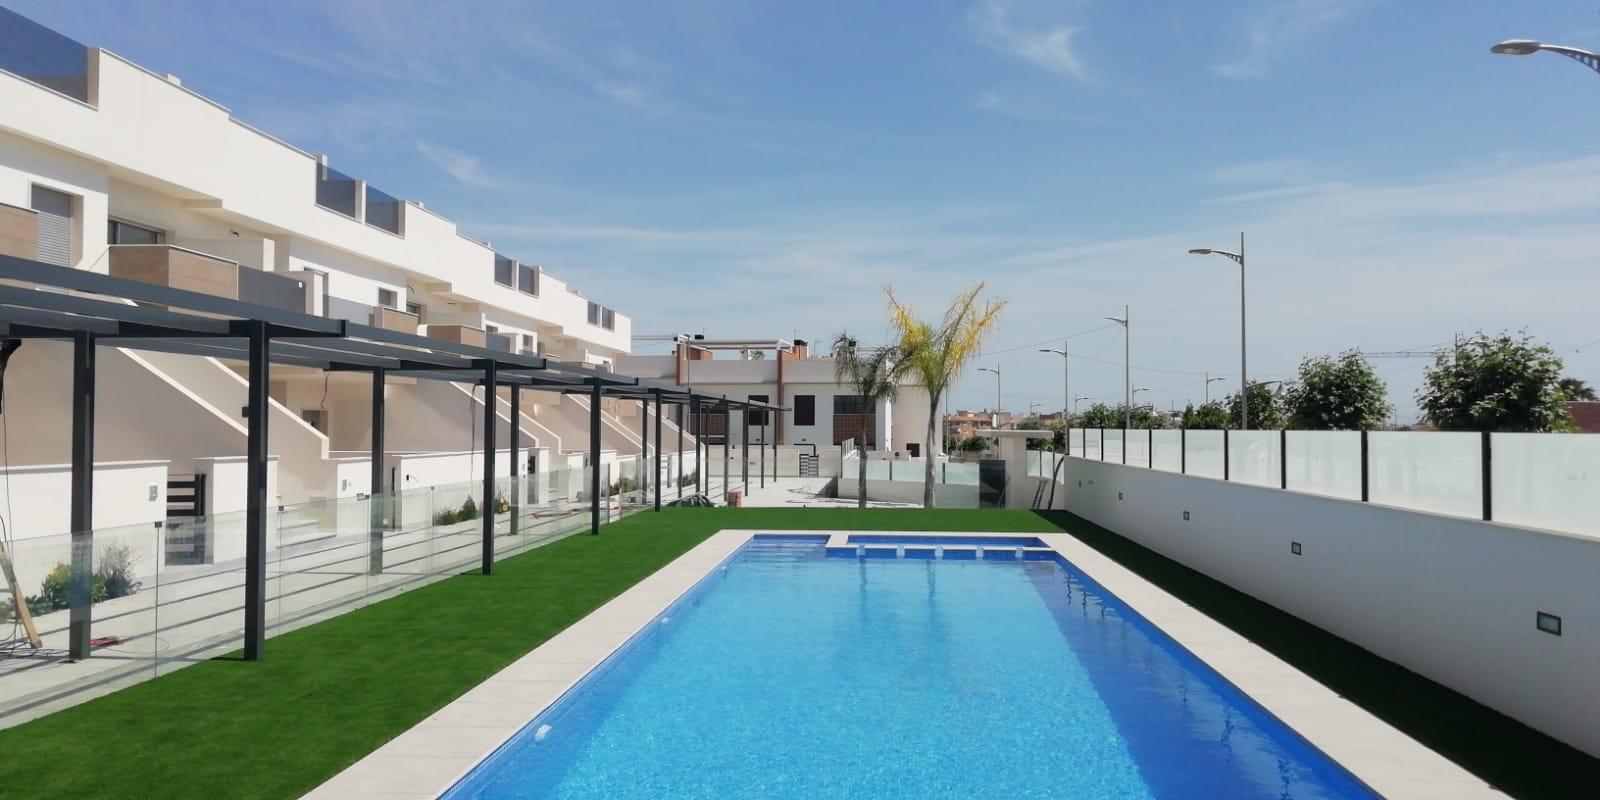 Apartment in LAS  RAMBLAS - VILLAMARTIN